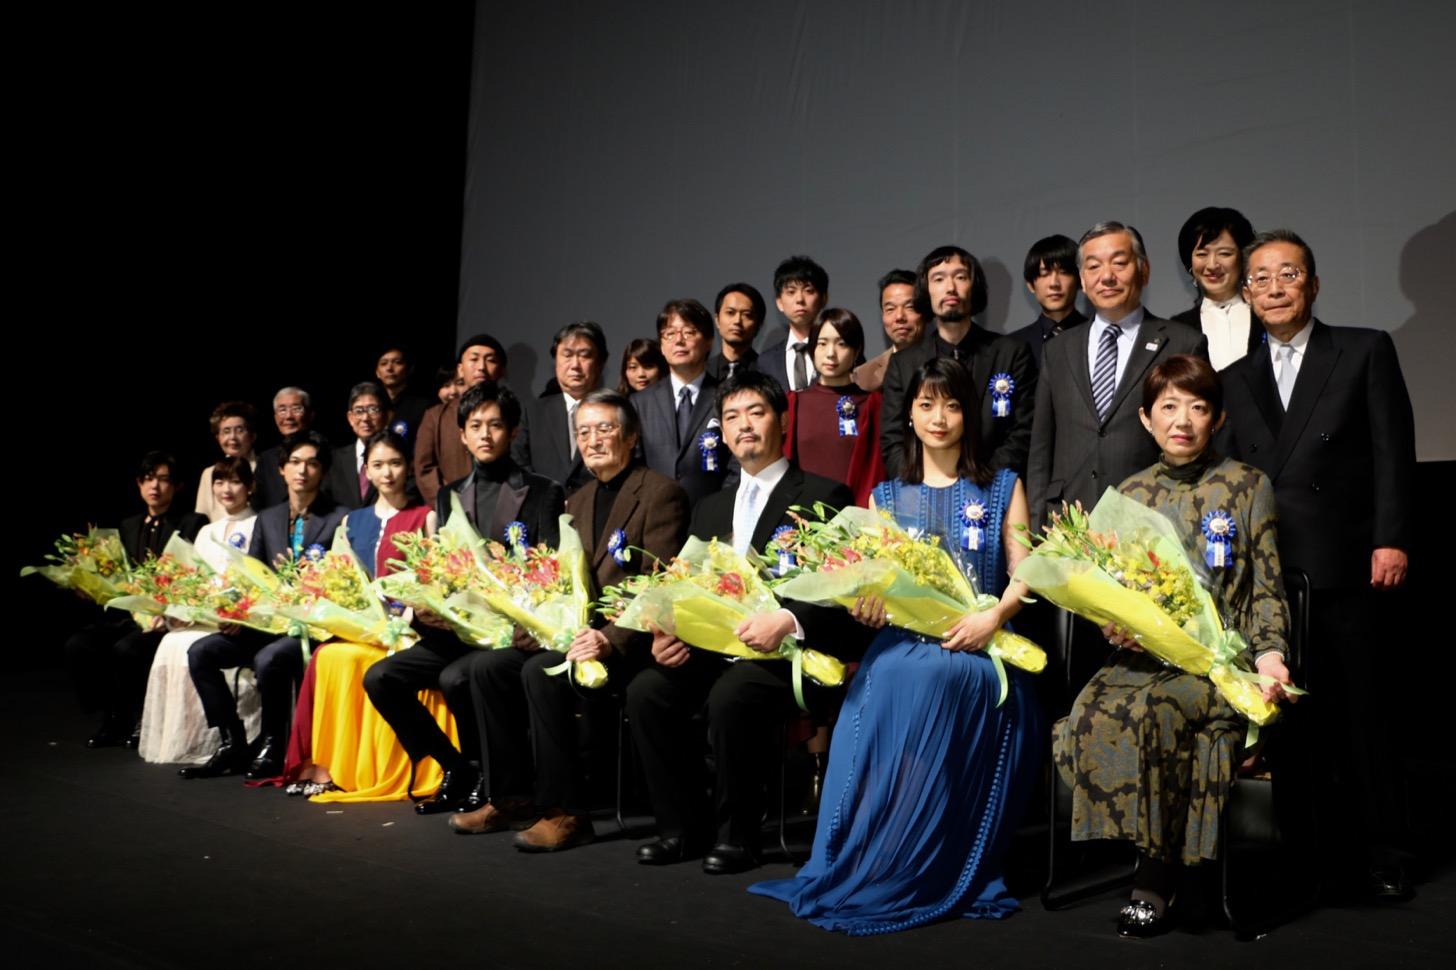 第10回TAMA映画賞授賞式のようす (C)多摩ポン